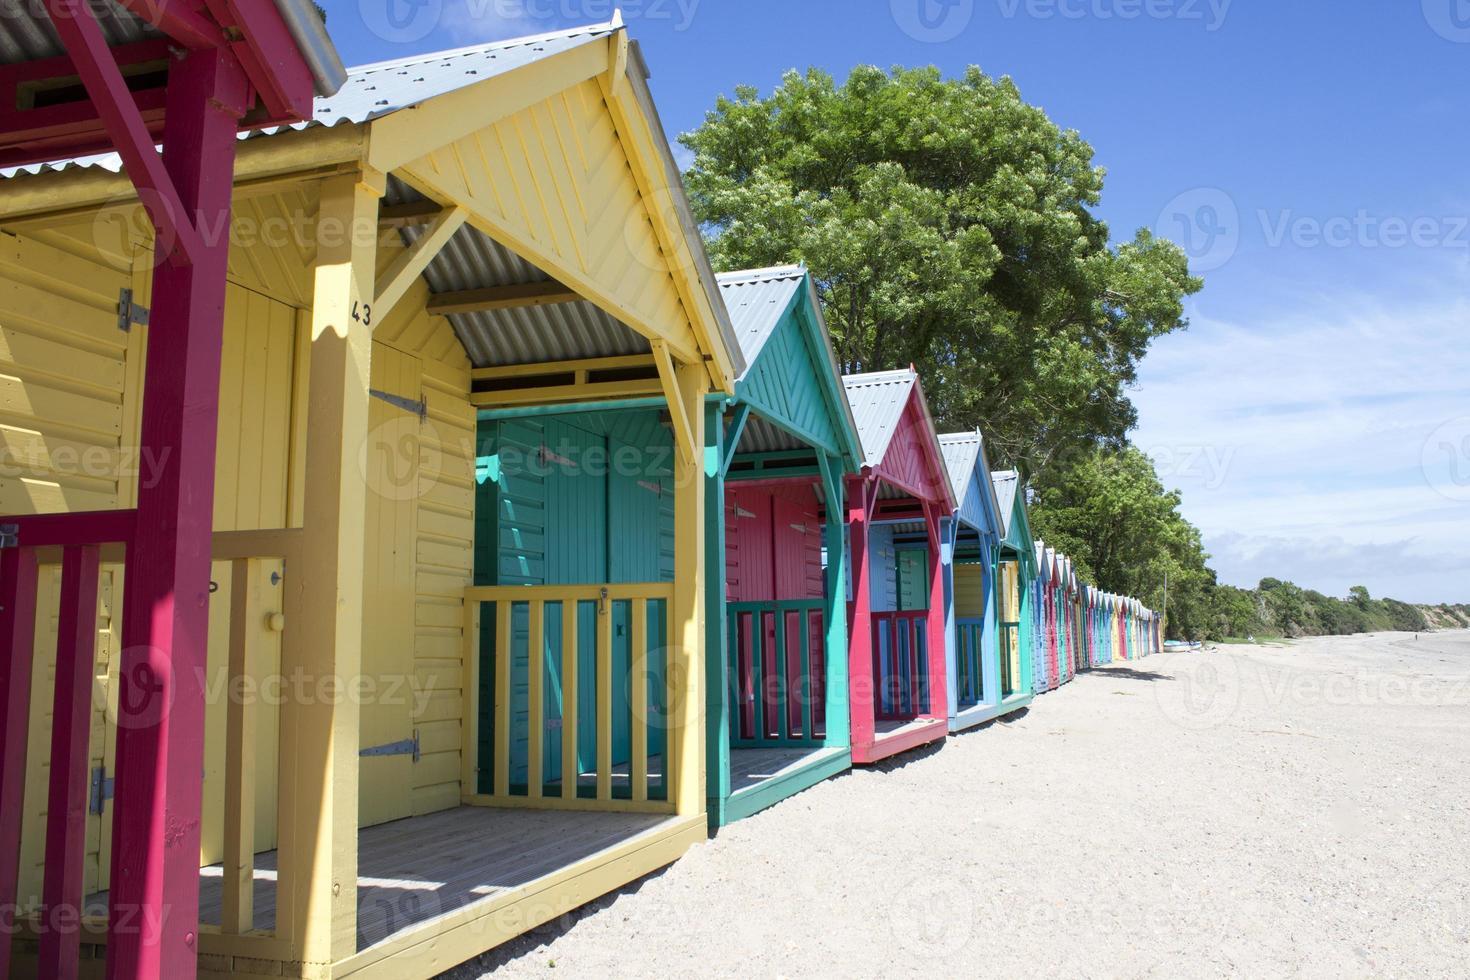 cabaña de playa en el norte de gales foto